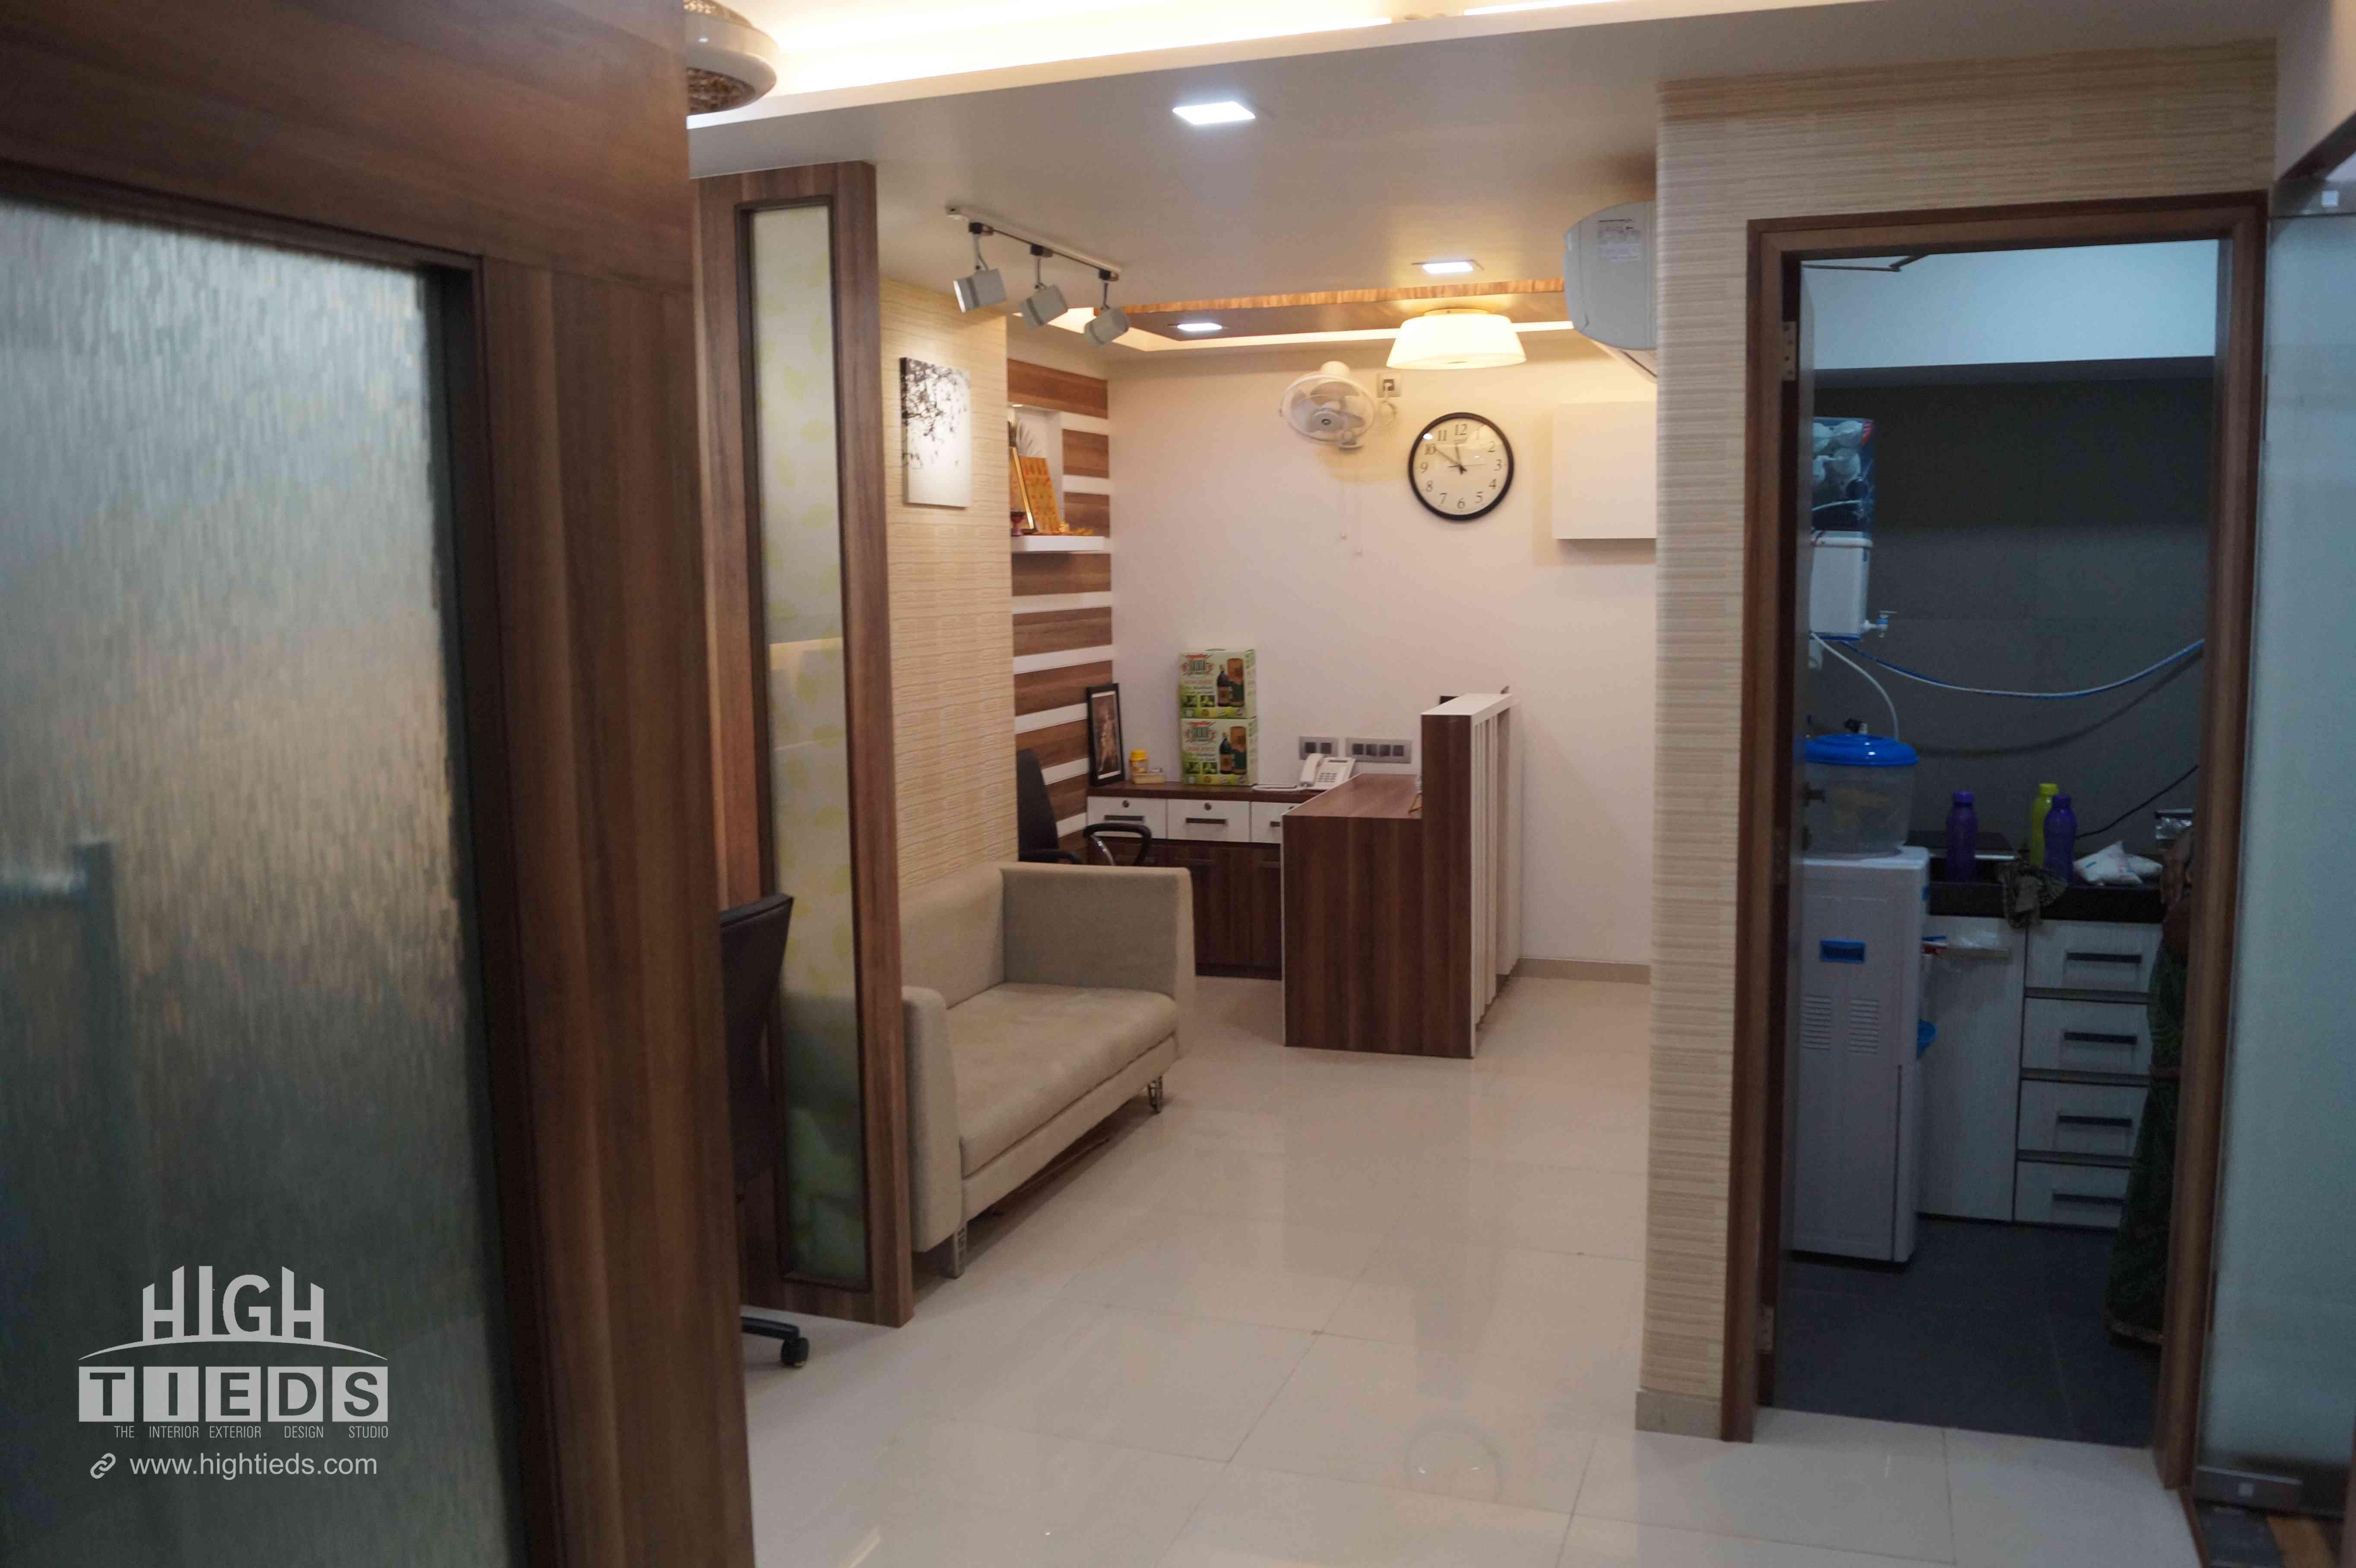 1100 square feet corporate office interior design project at venus amadeus satellite ahmedabad 11 photos